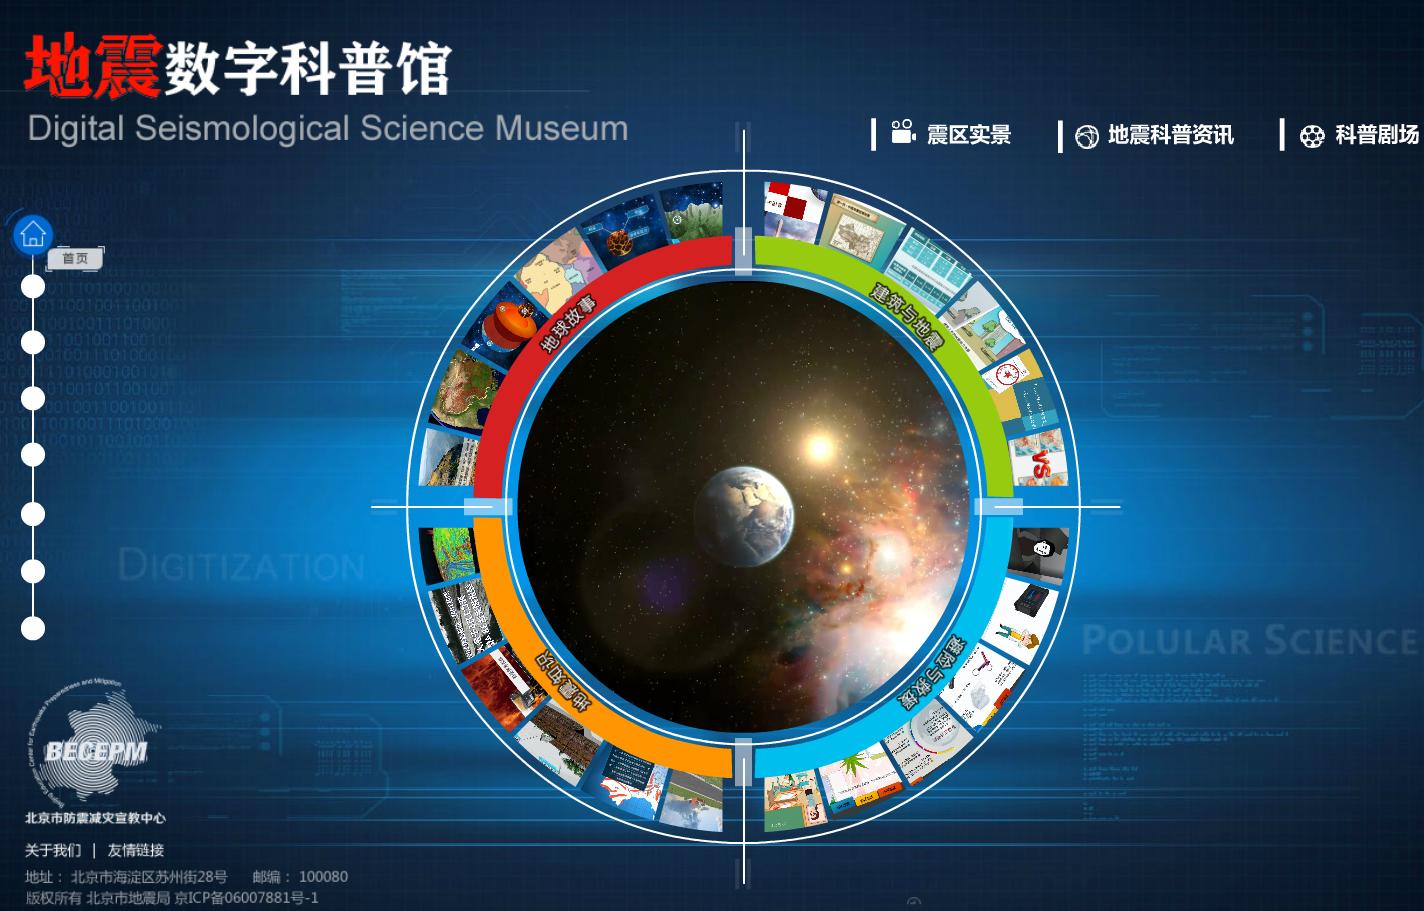 北京地震数字科普馆